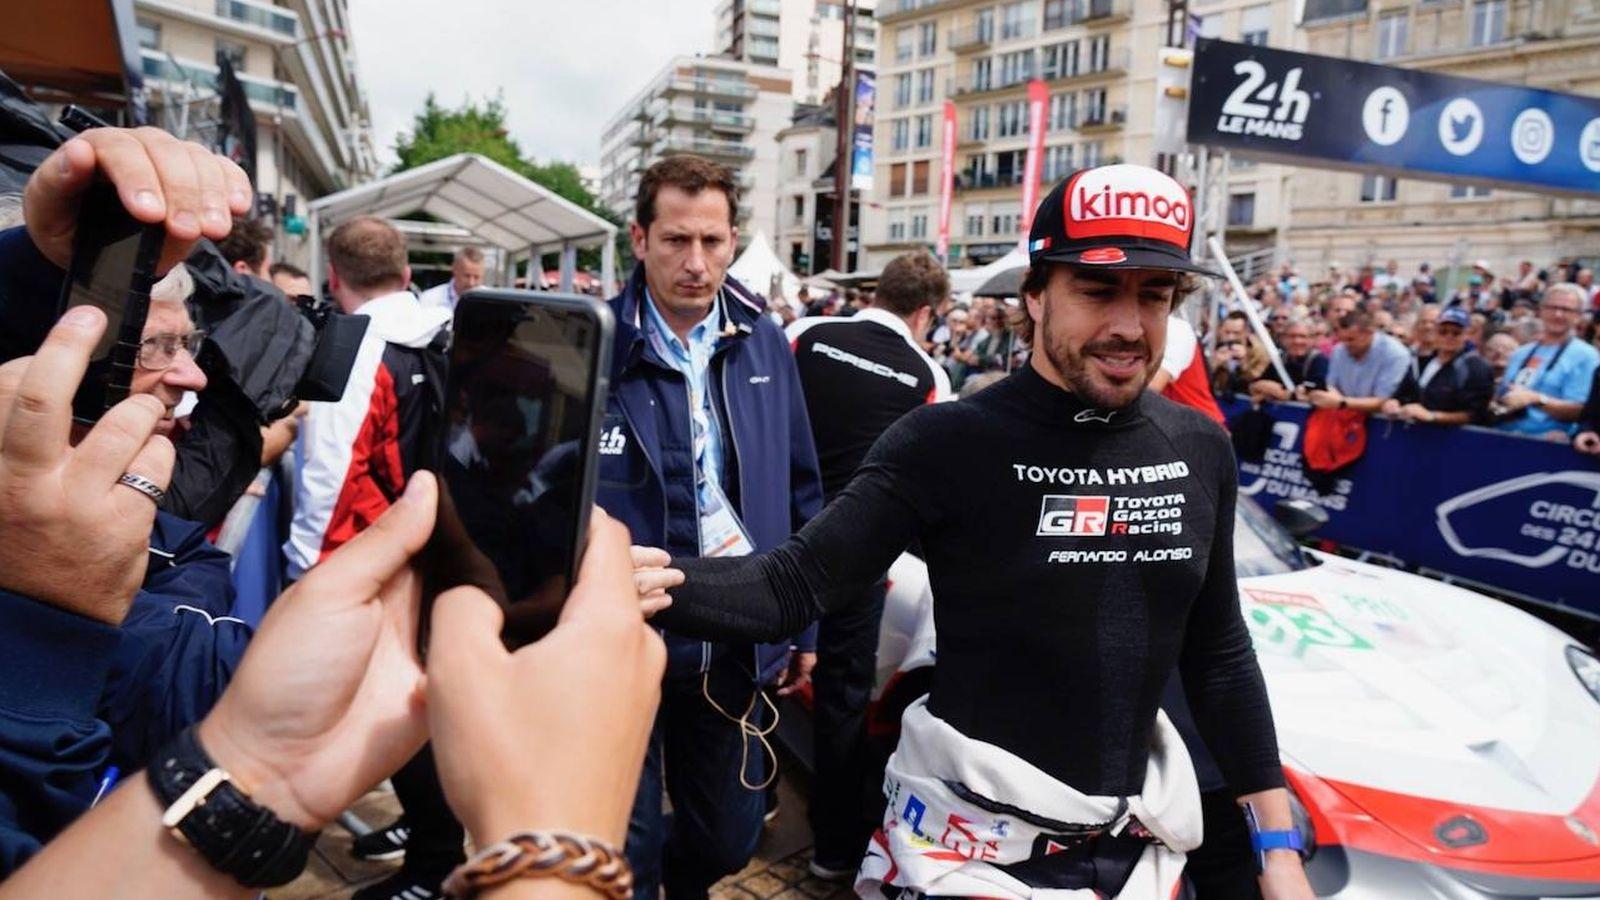 Foto: Fernando Alonso se sumergió por primera vez en toda la expectación de las 24 Horas de Le Mans. (Javier Rubio)